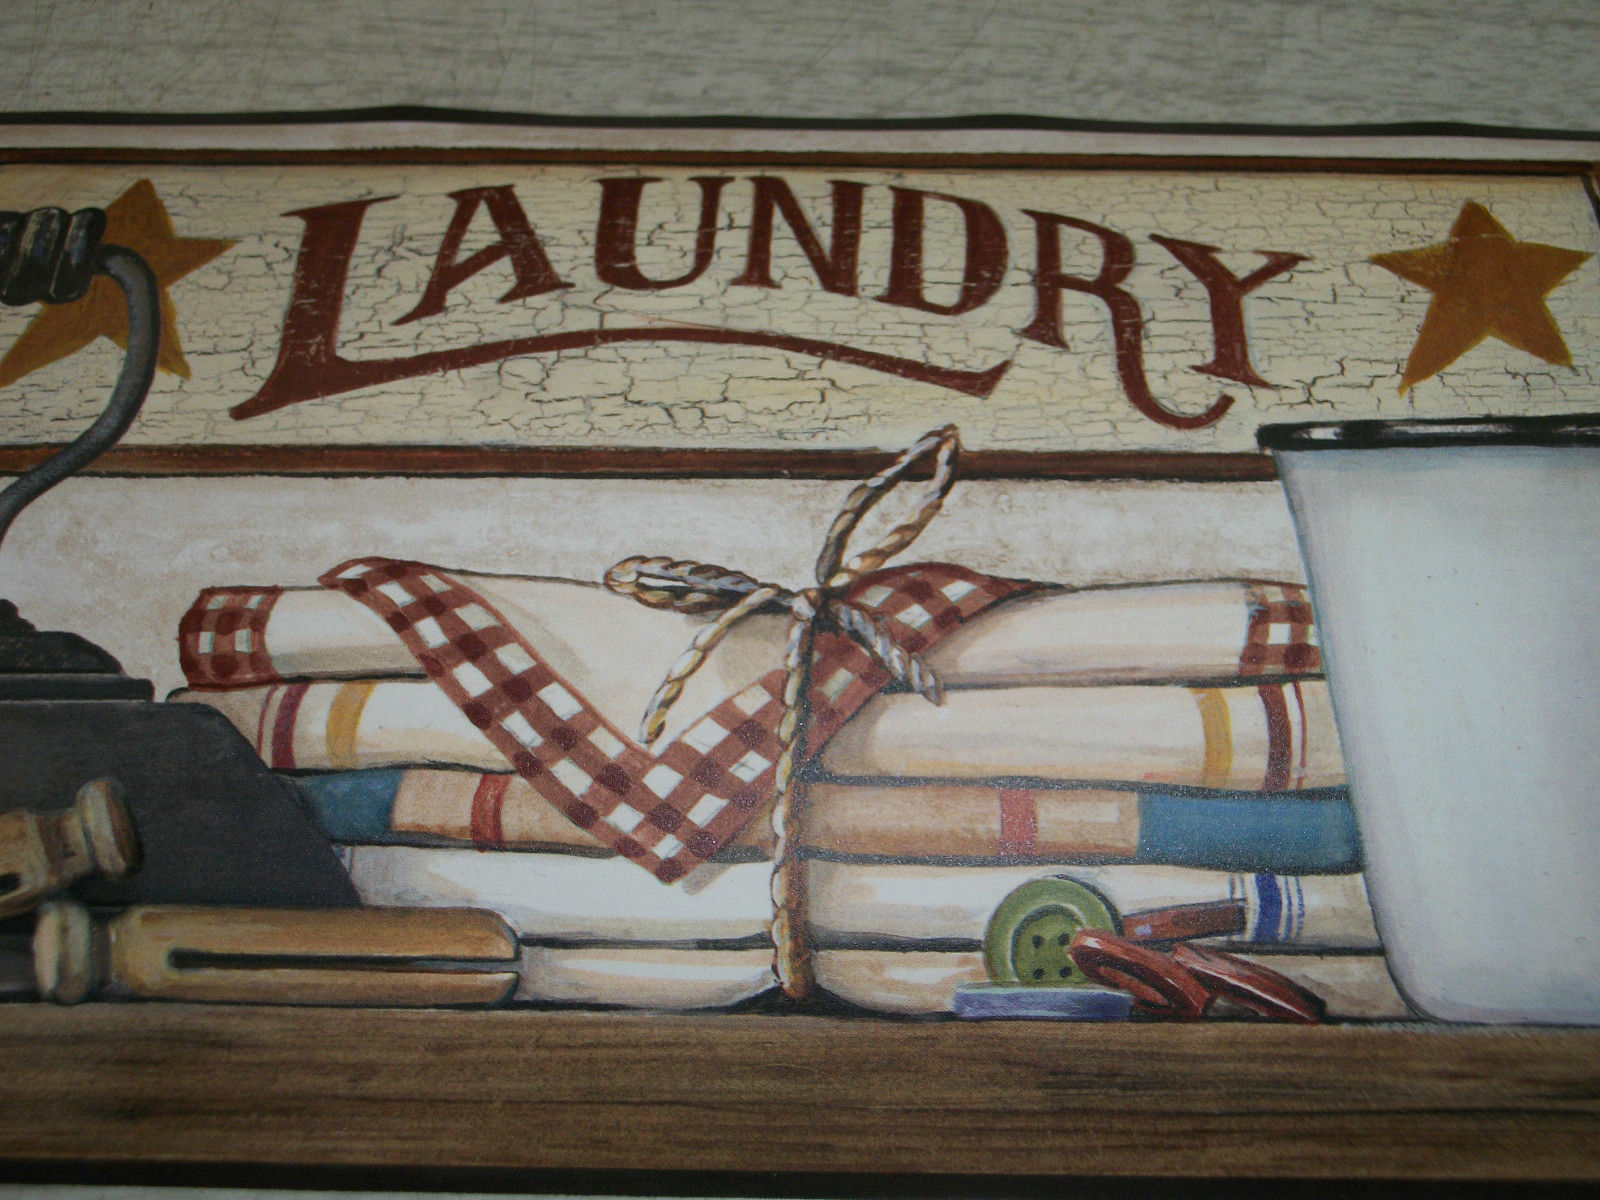 Primitive Laundry Room Wallpaper Border 1 1600x1200